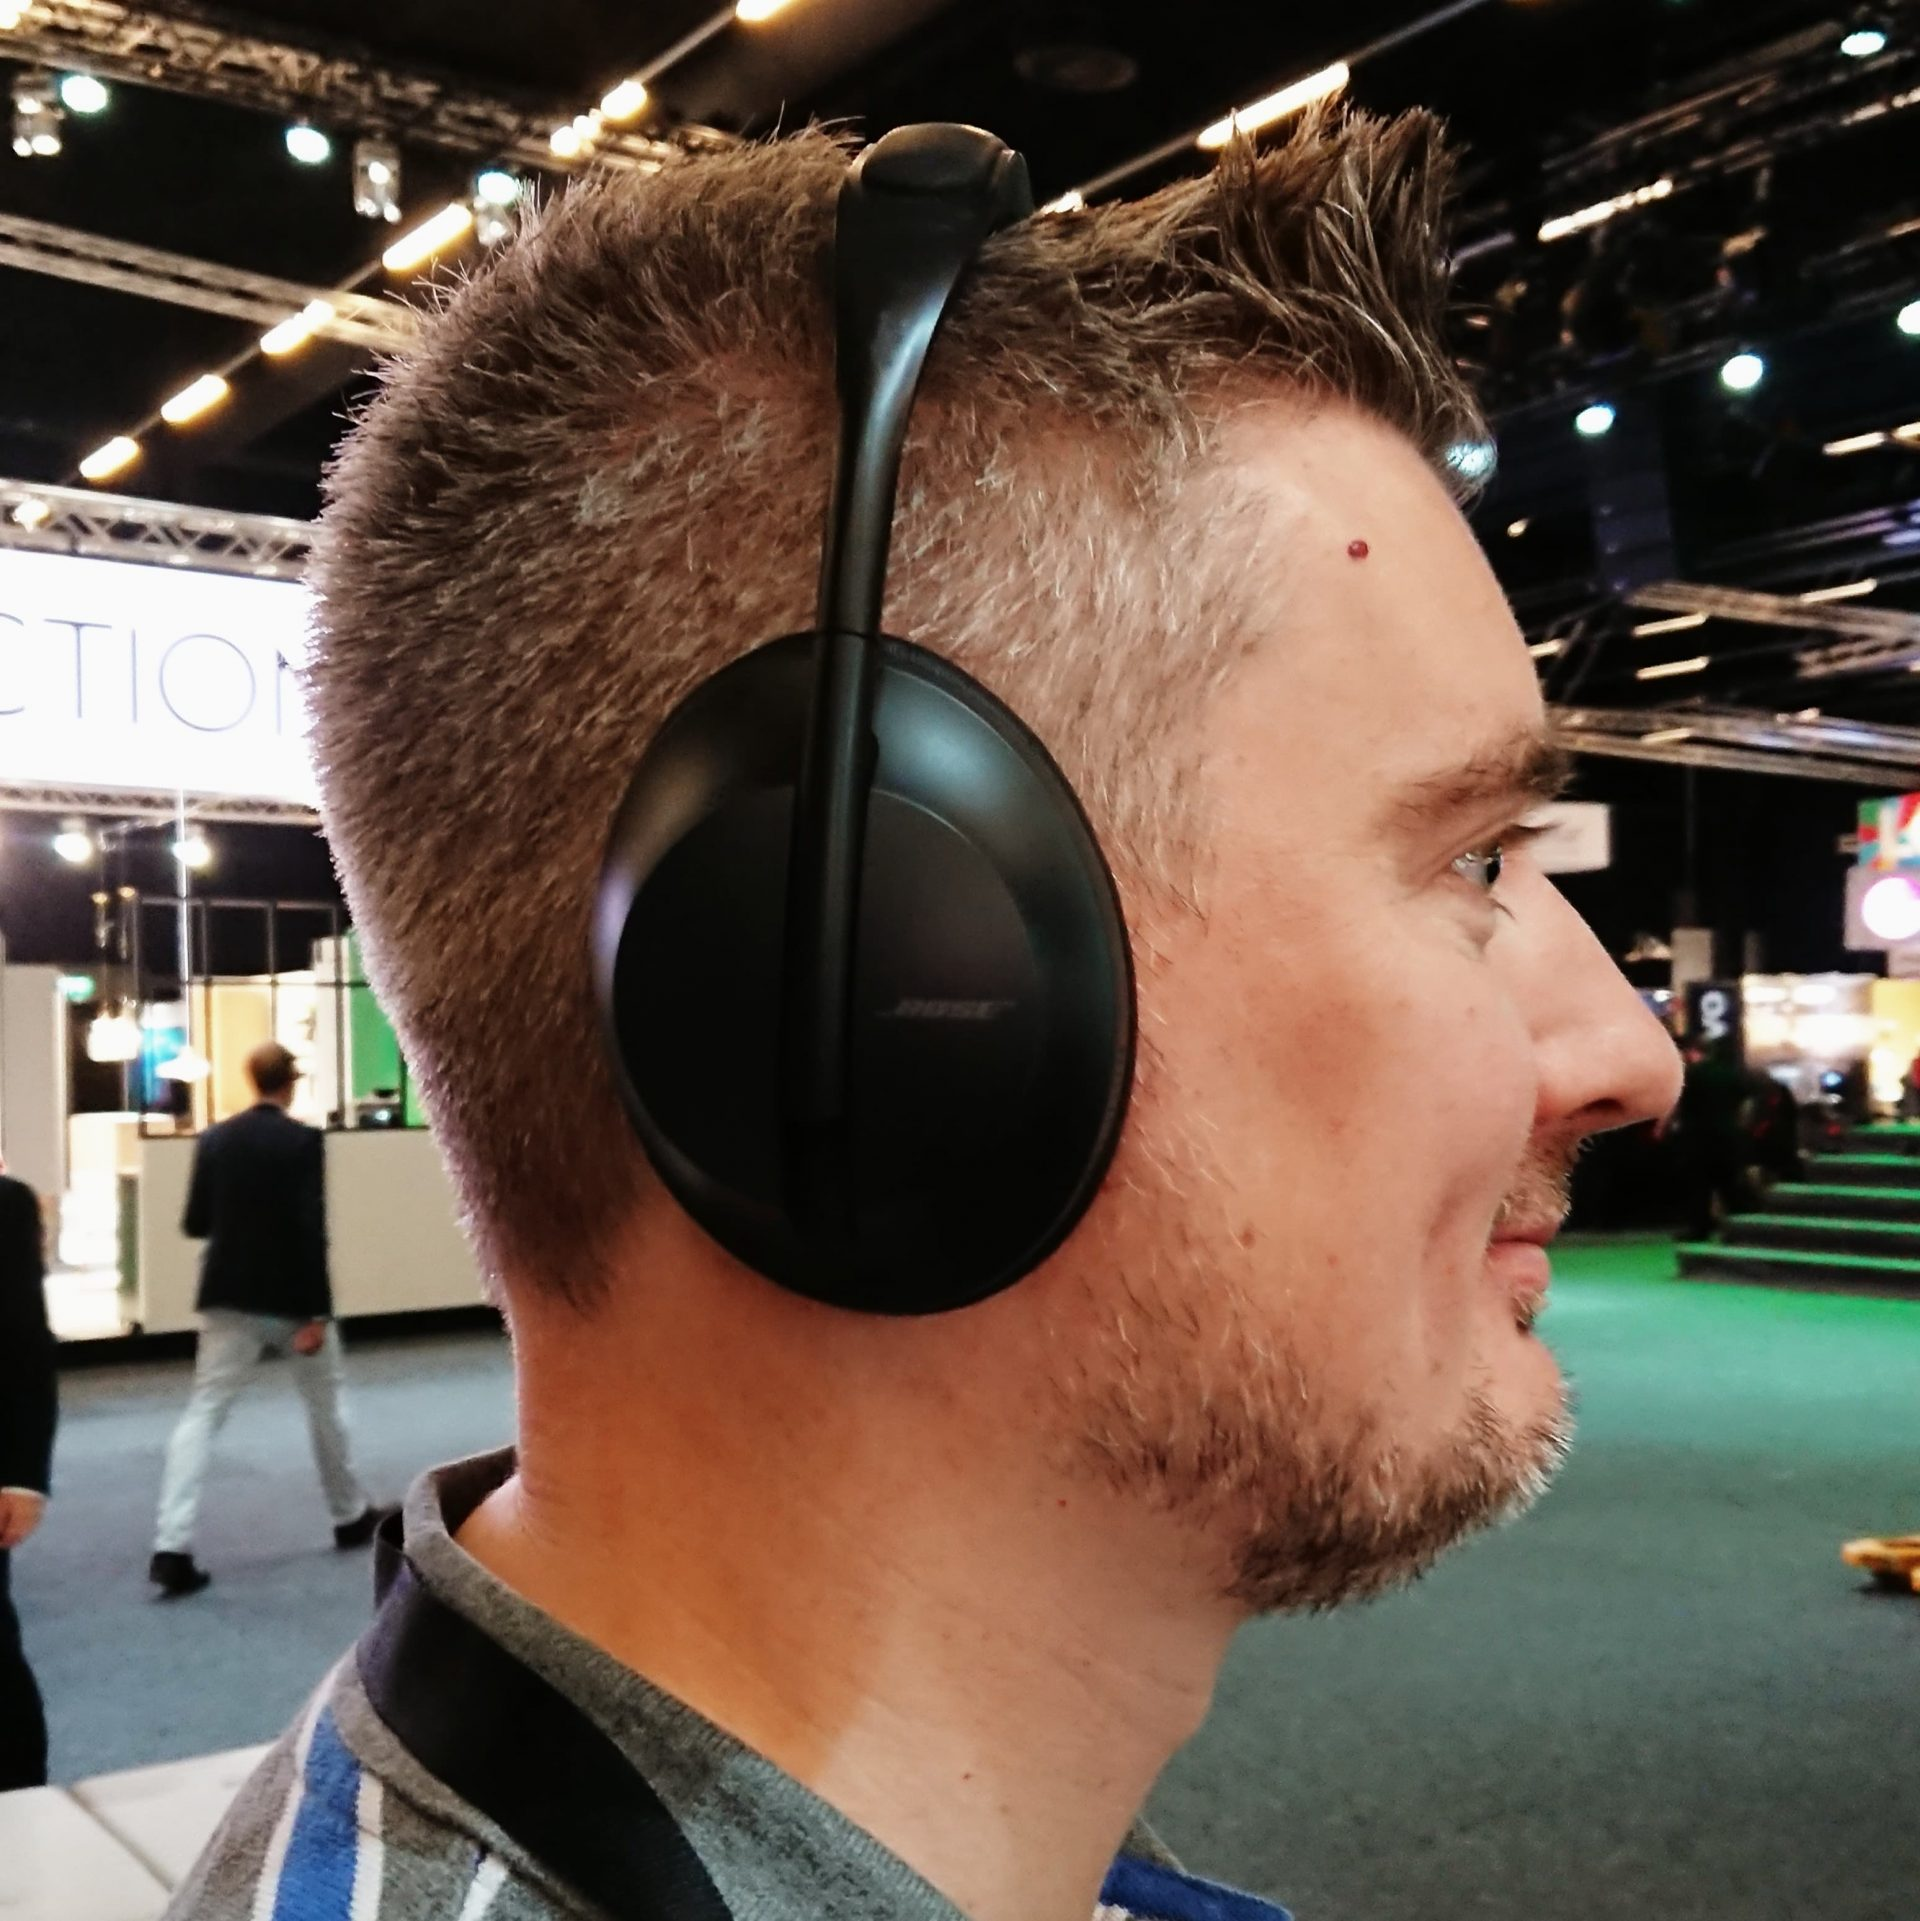 Bose NCH 700 har gott om vaddering på både huvudbygeln och runt öronkåporna. Foto: Audun Hage, Ljud & Bild